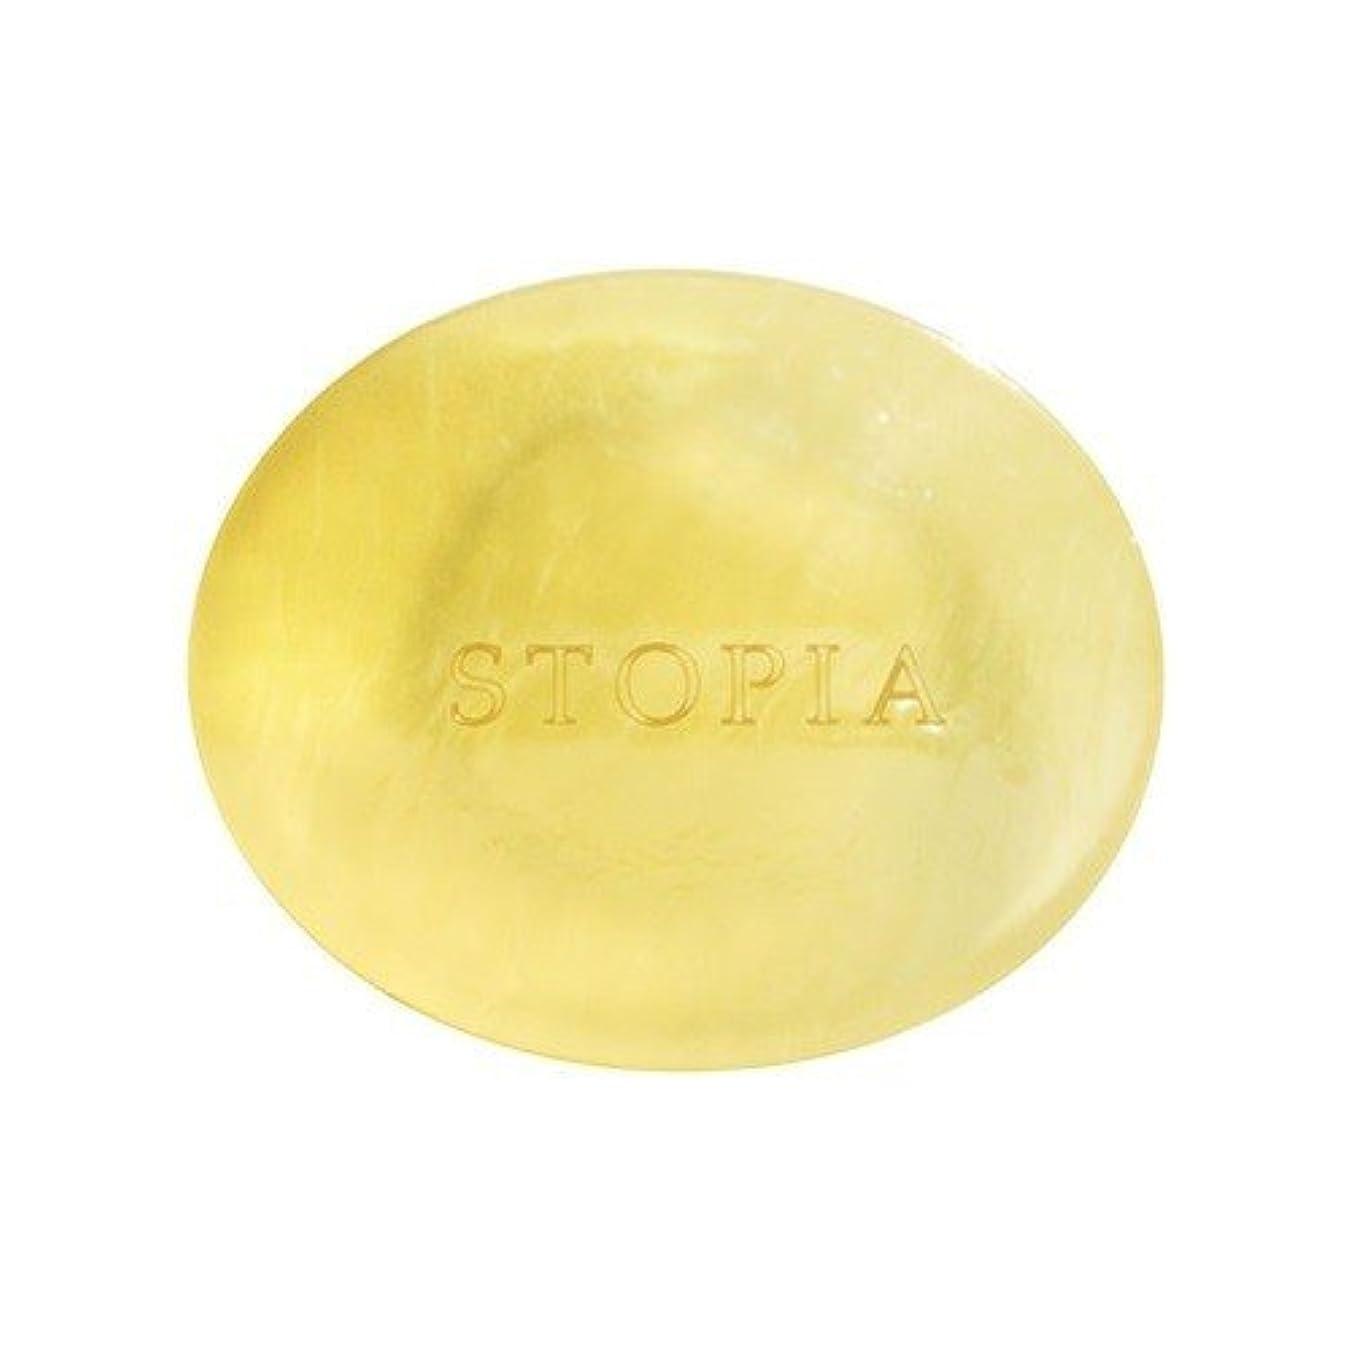 シュート回路ハードウェアゲオール ストピア 薬用ソープ 医薬部外品